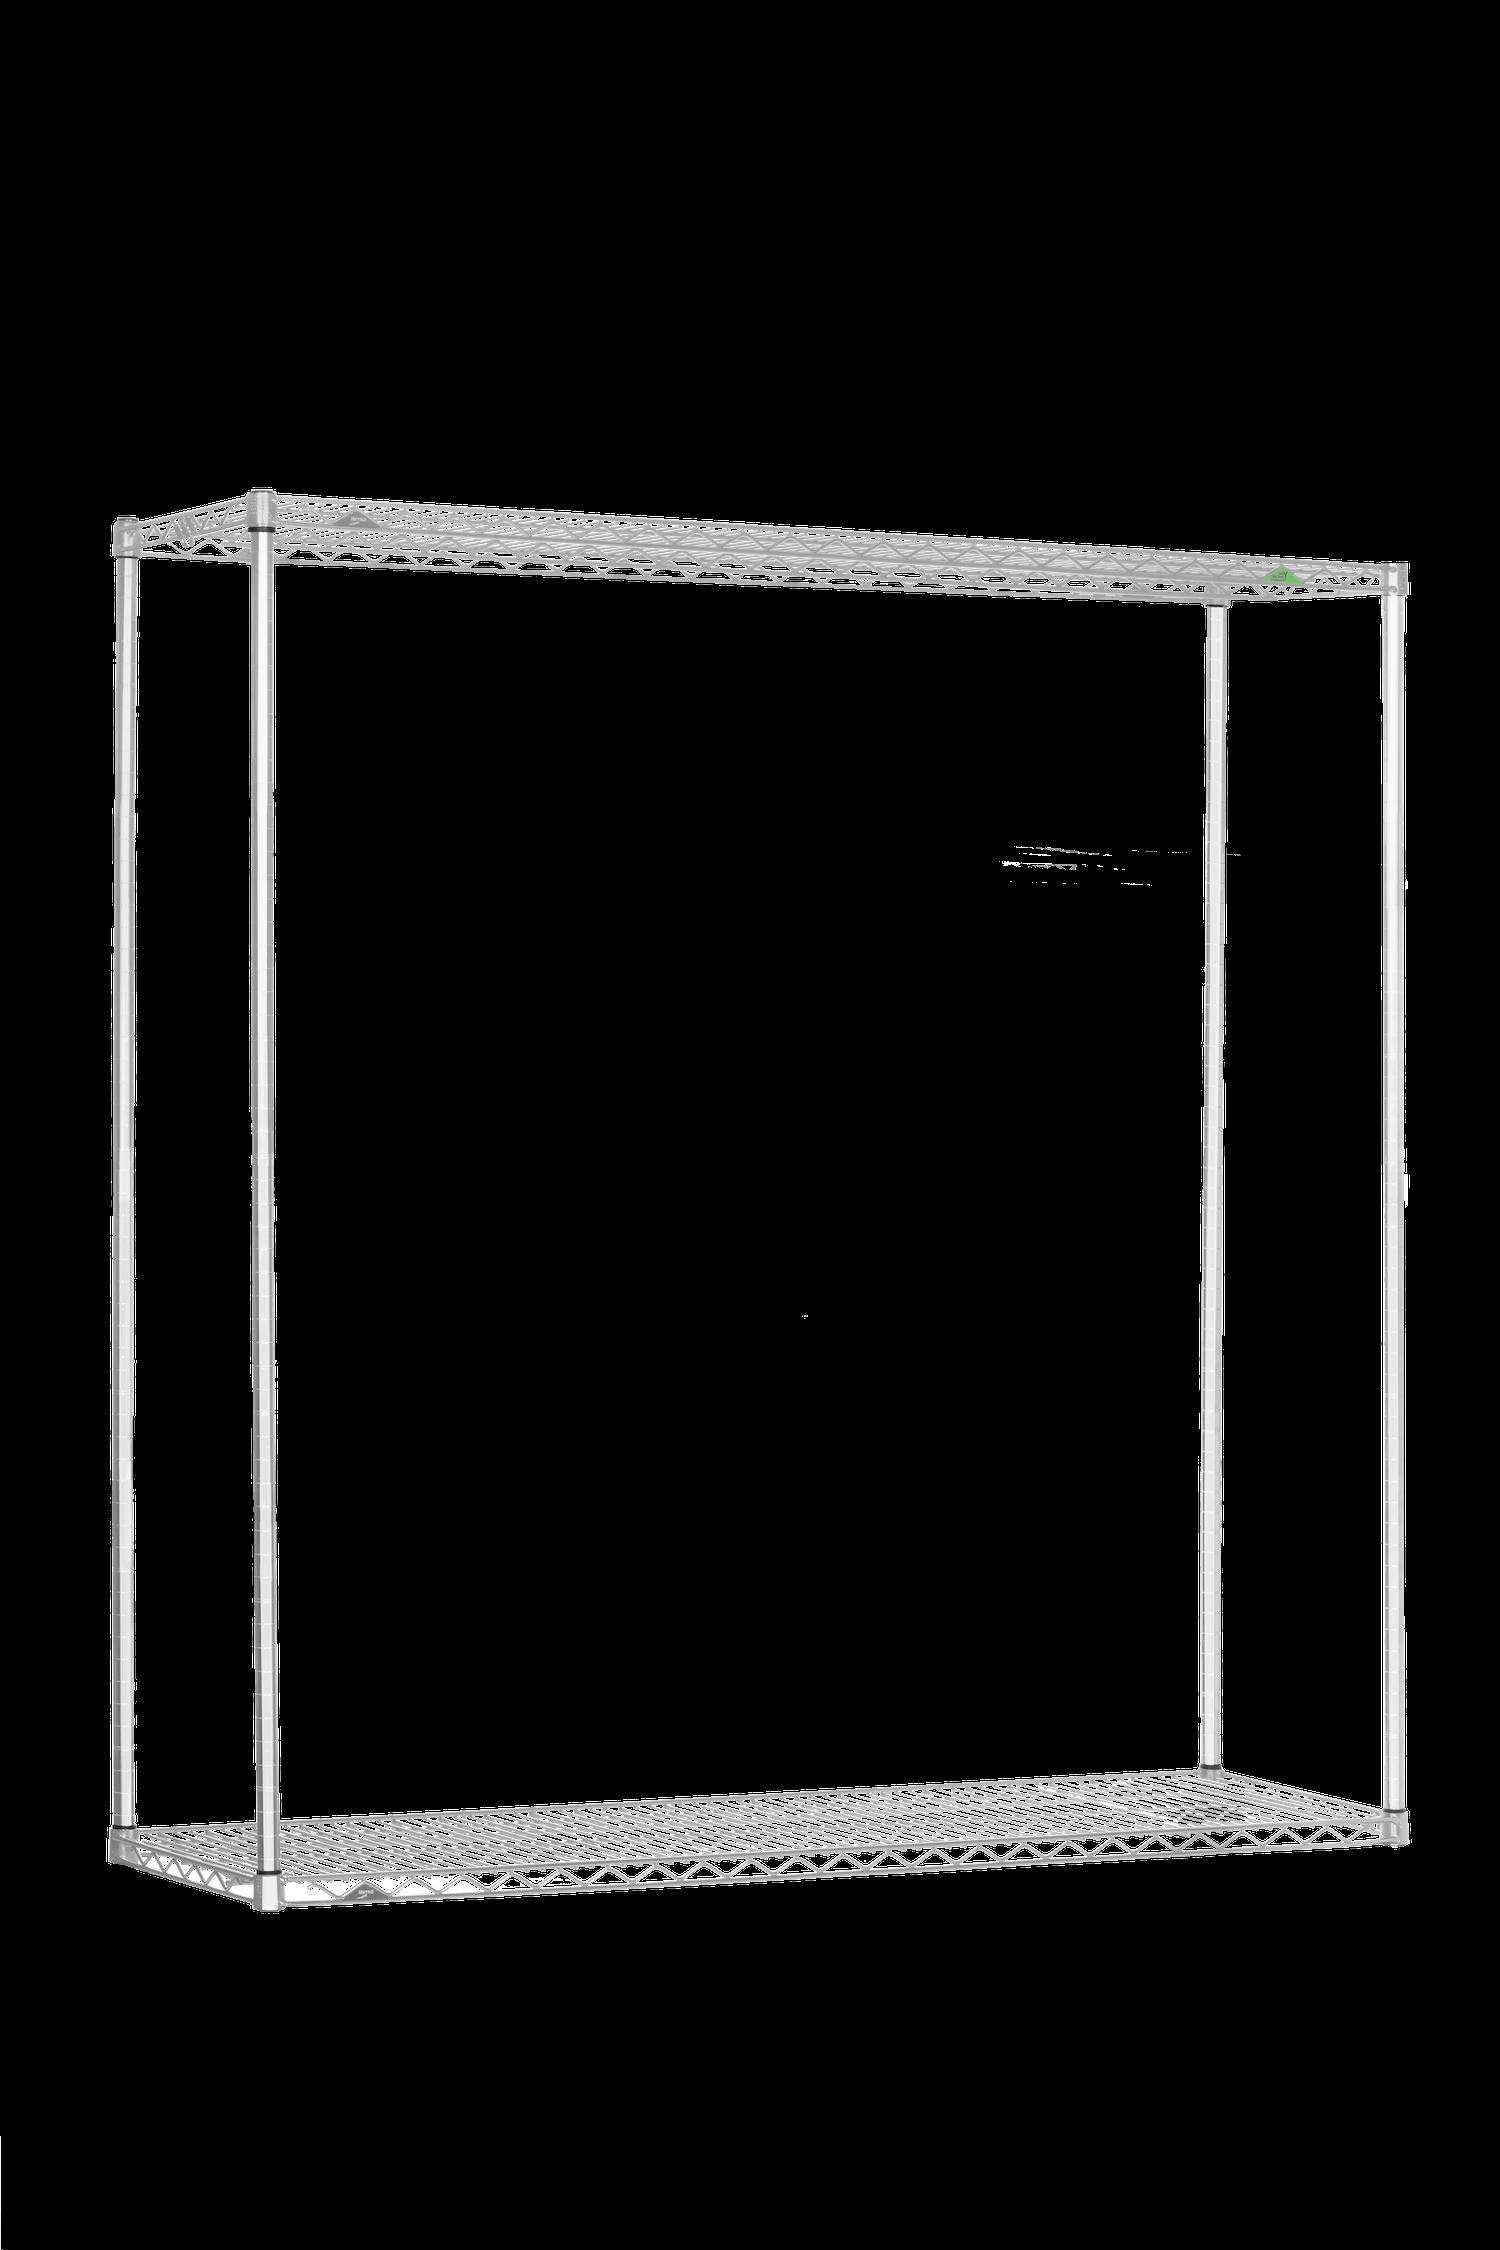 457x610mm, 18x24 inch